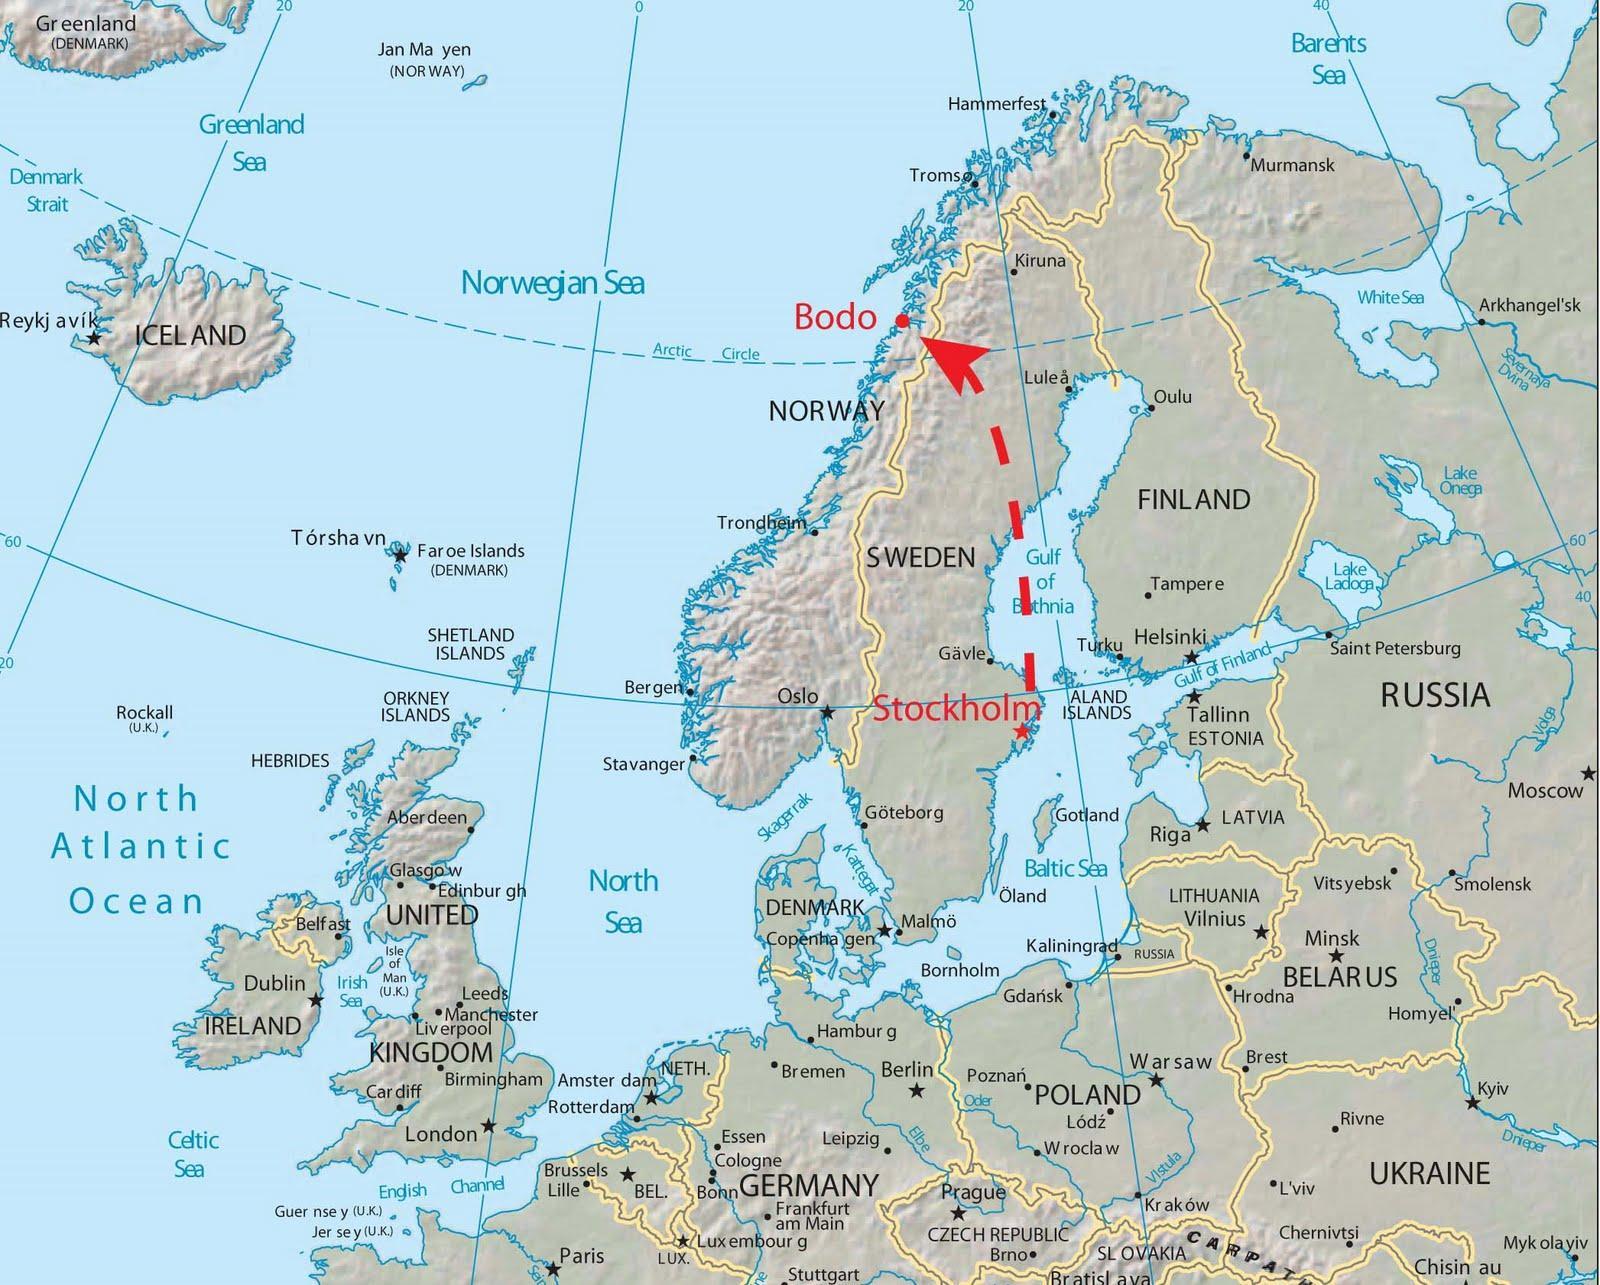 Bodo Norja Kartta Kartta Bodo Norja Pohjois Eurooppa Eurooppa